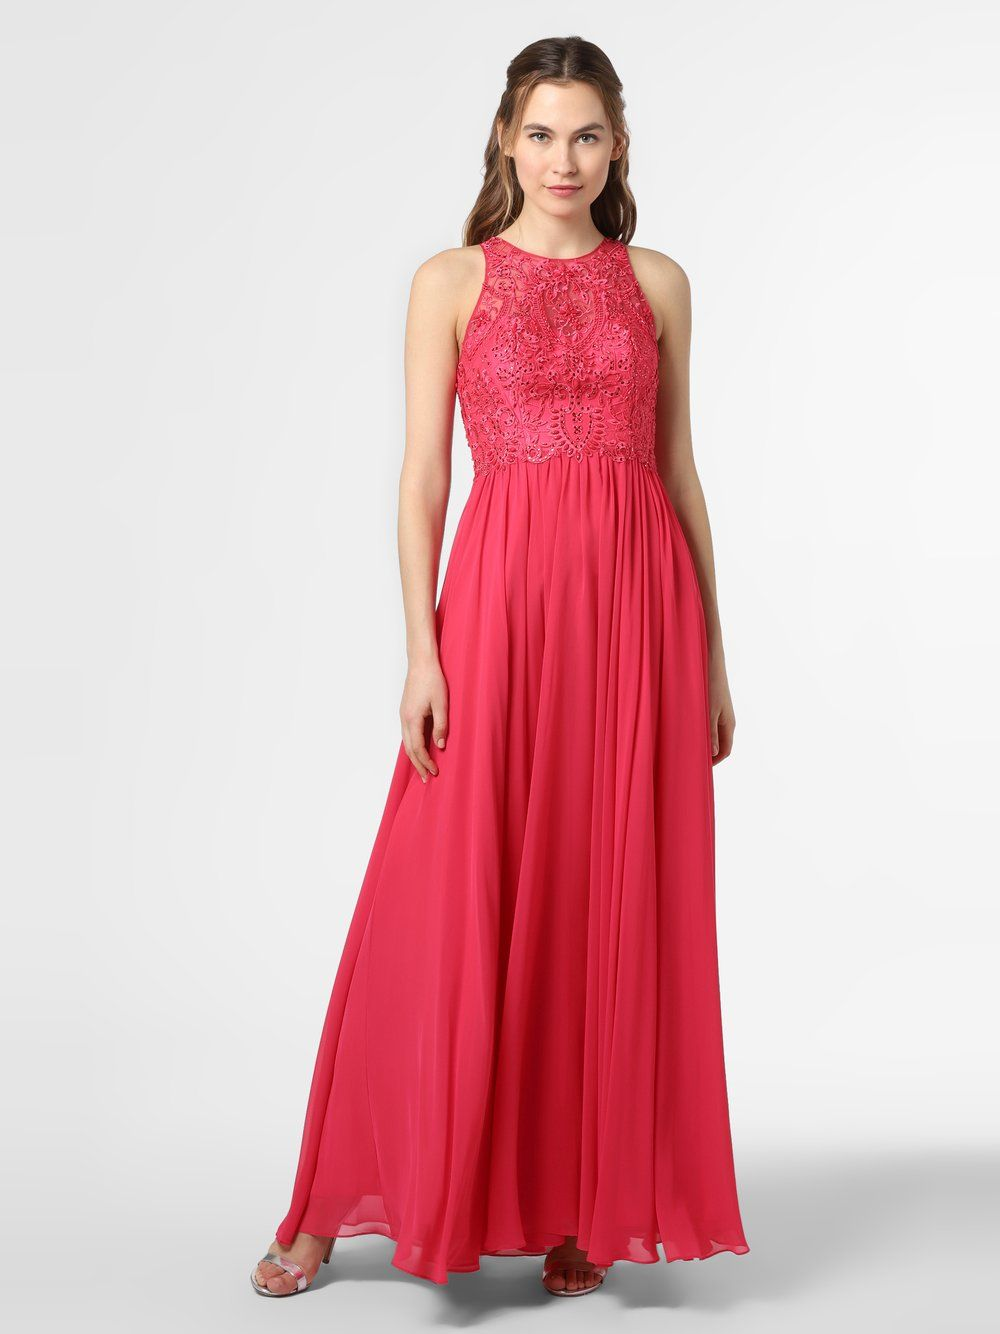 Damen Abendkleid in 20  Abendkleid rosa, Abendkleid und Kleider